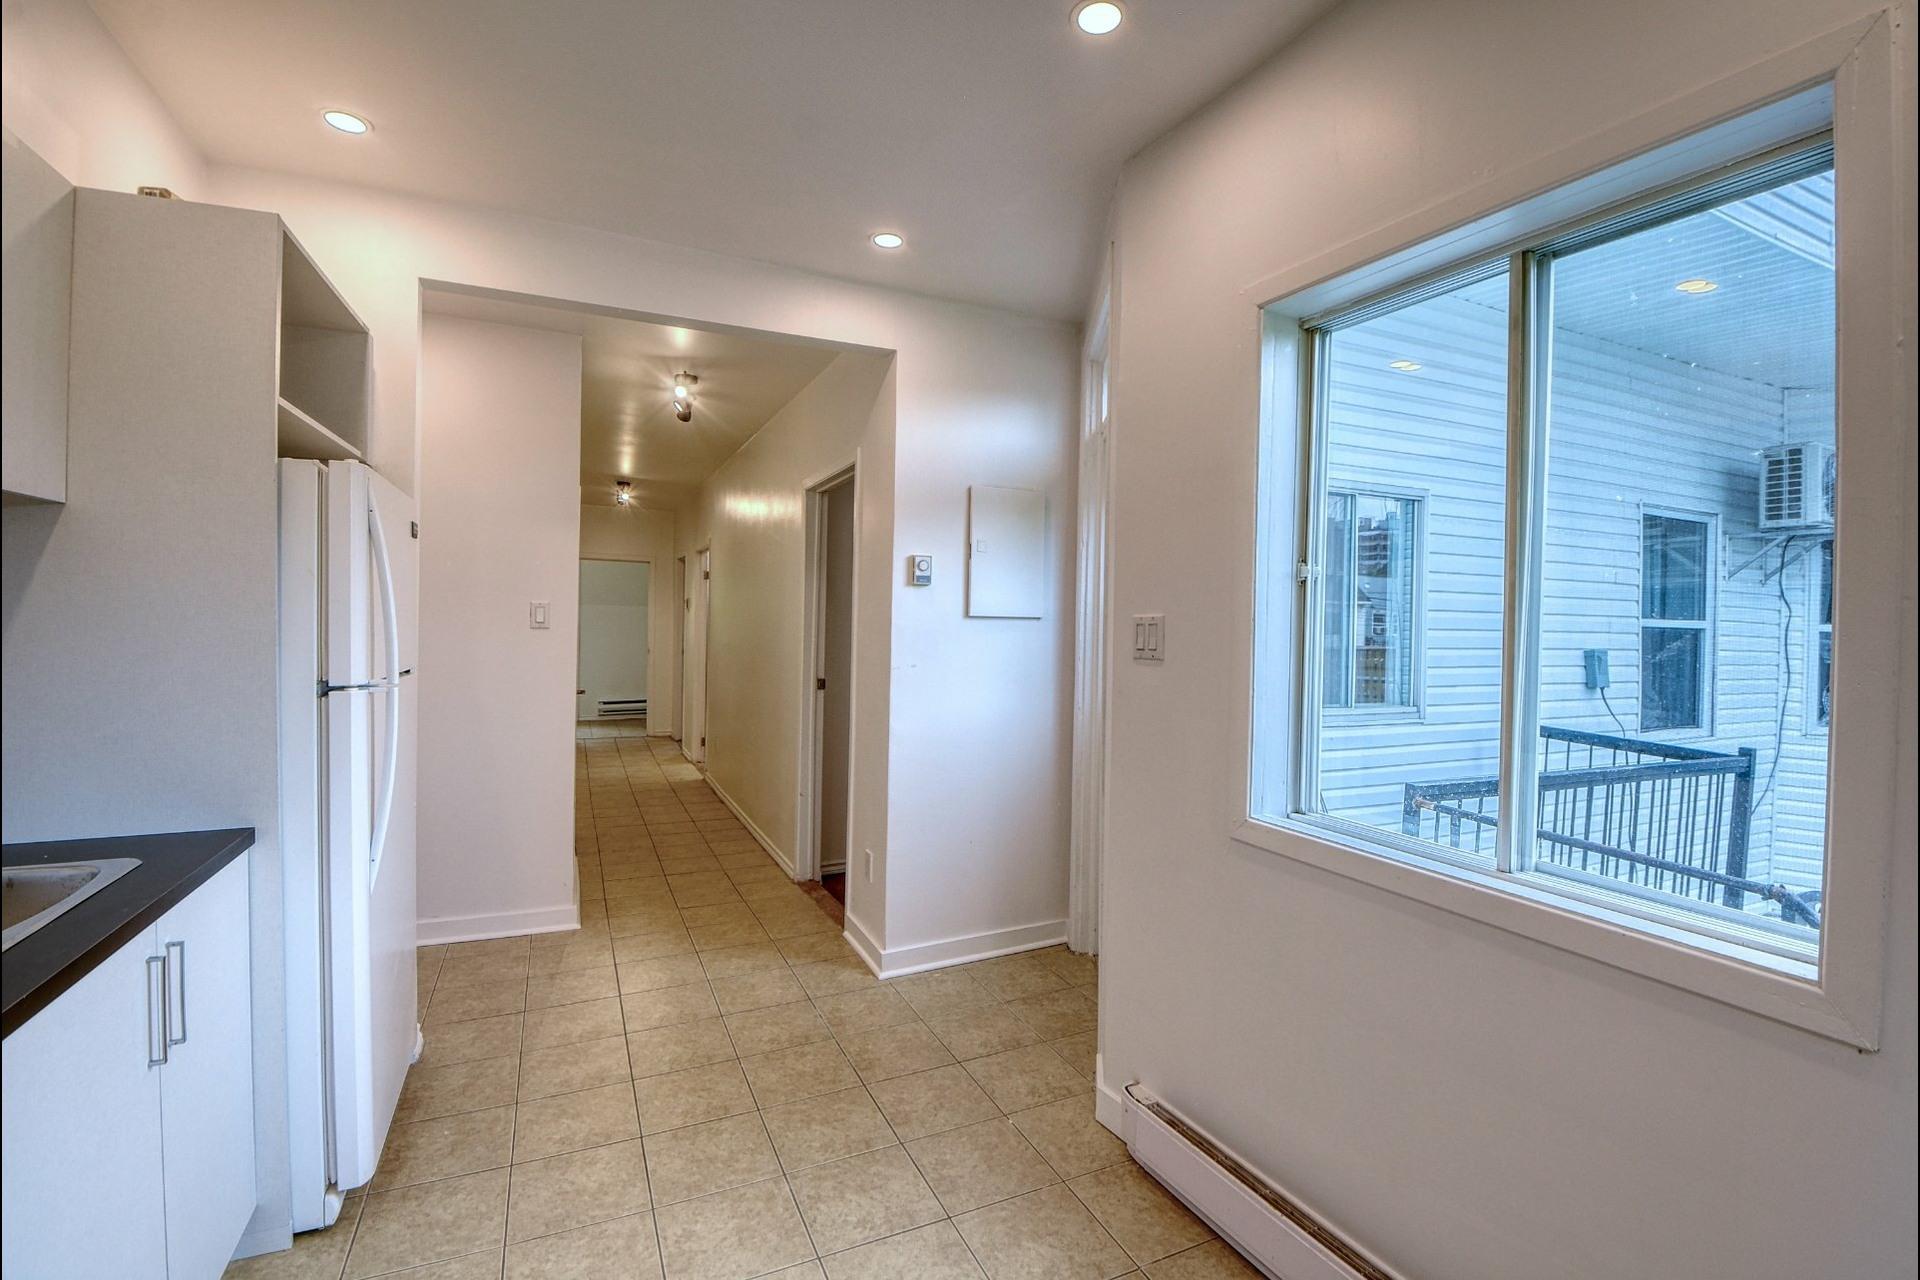 image 2 - Appartement À louer Le Plateau-Mont-Royal Montréal  - 6 pièces